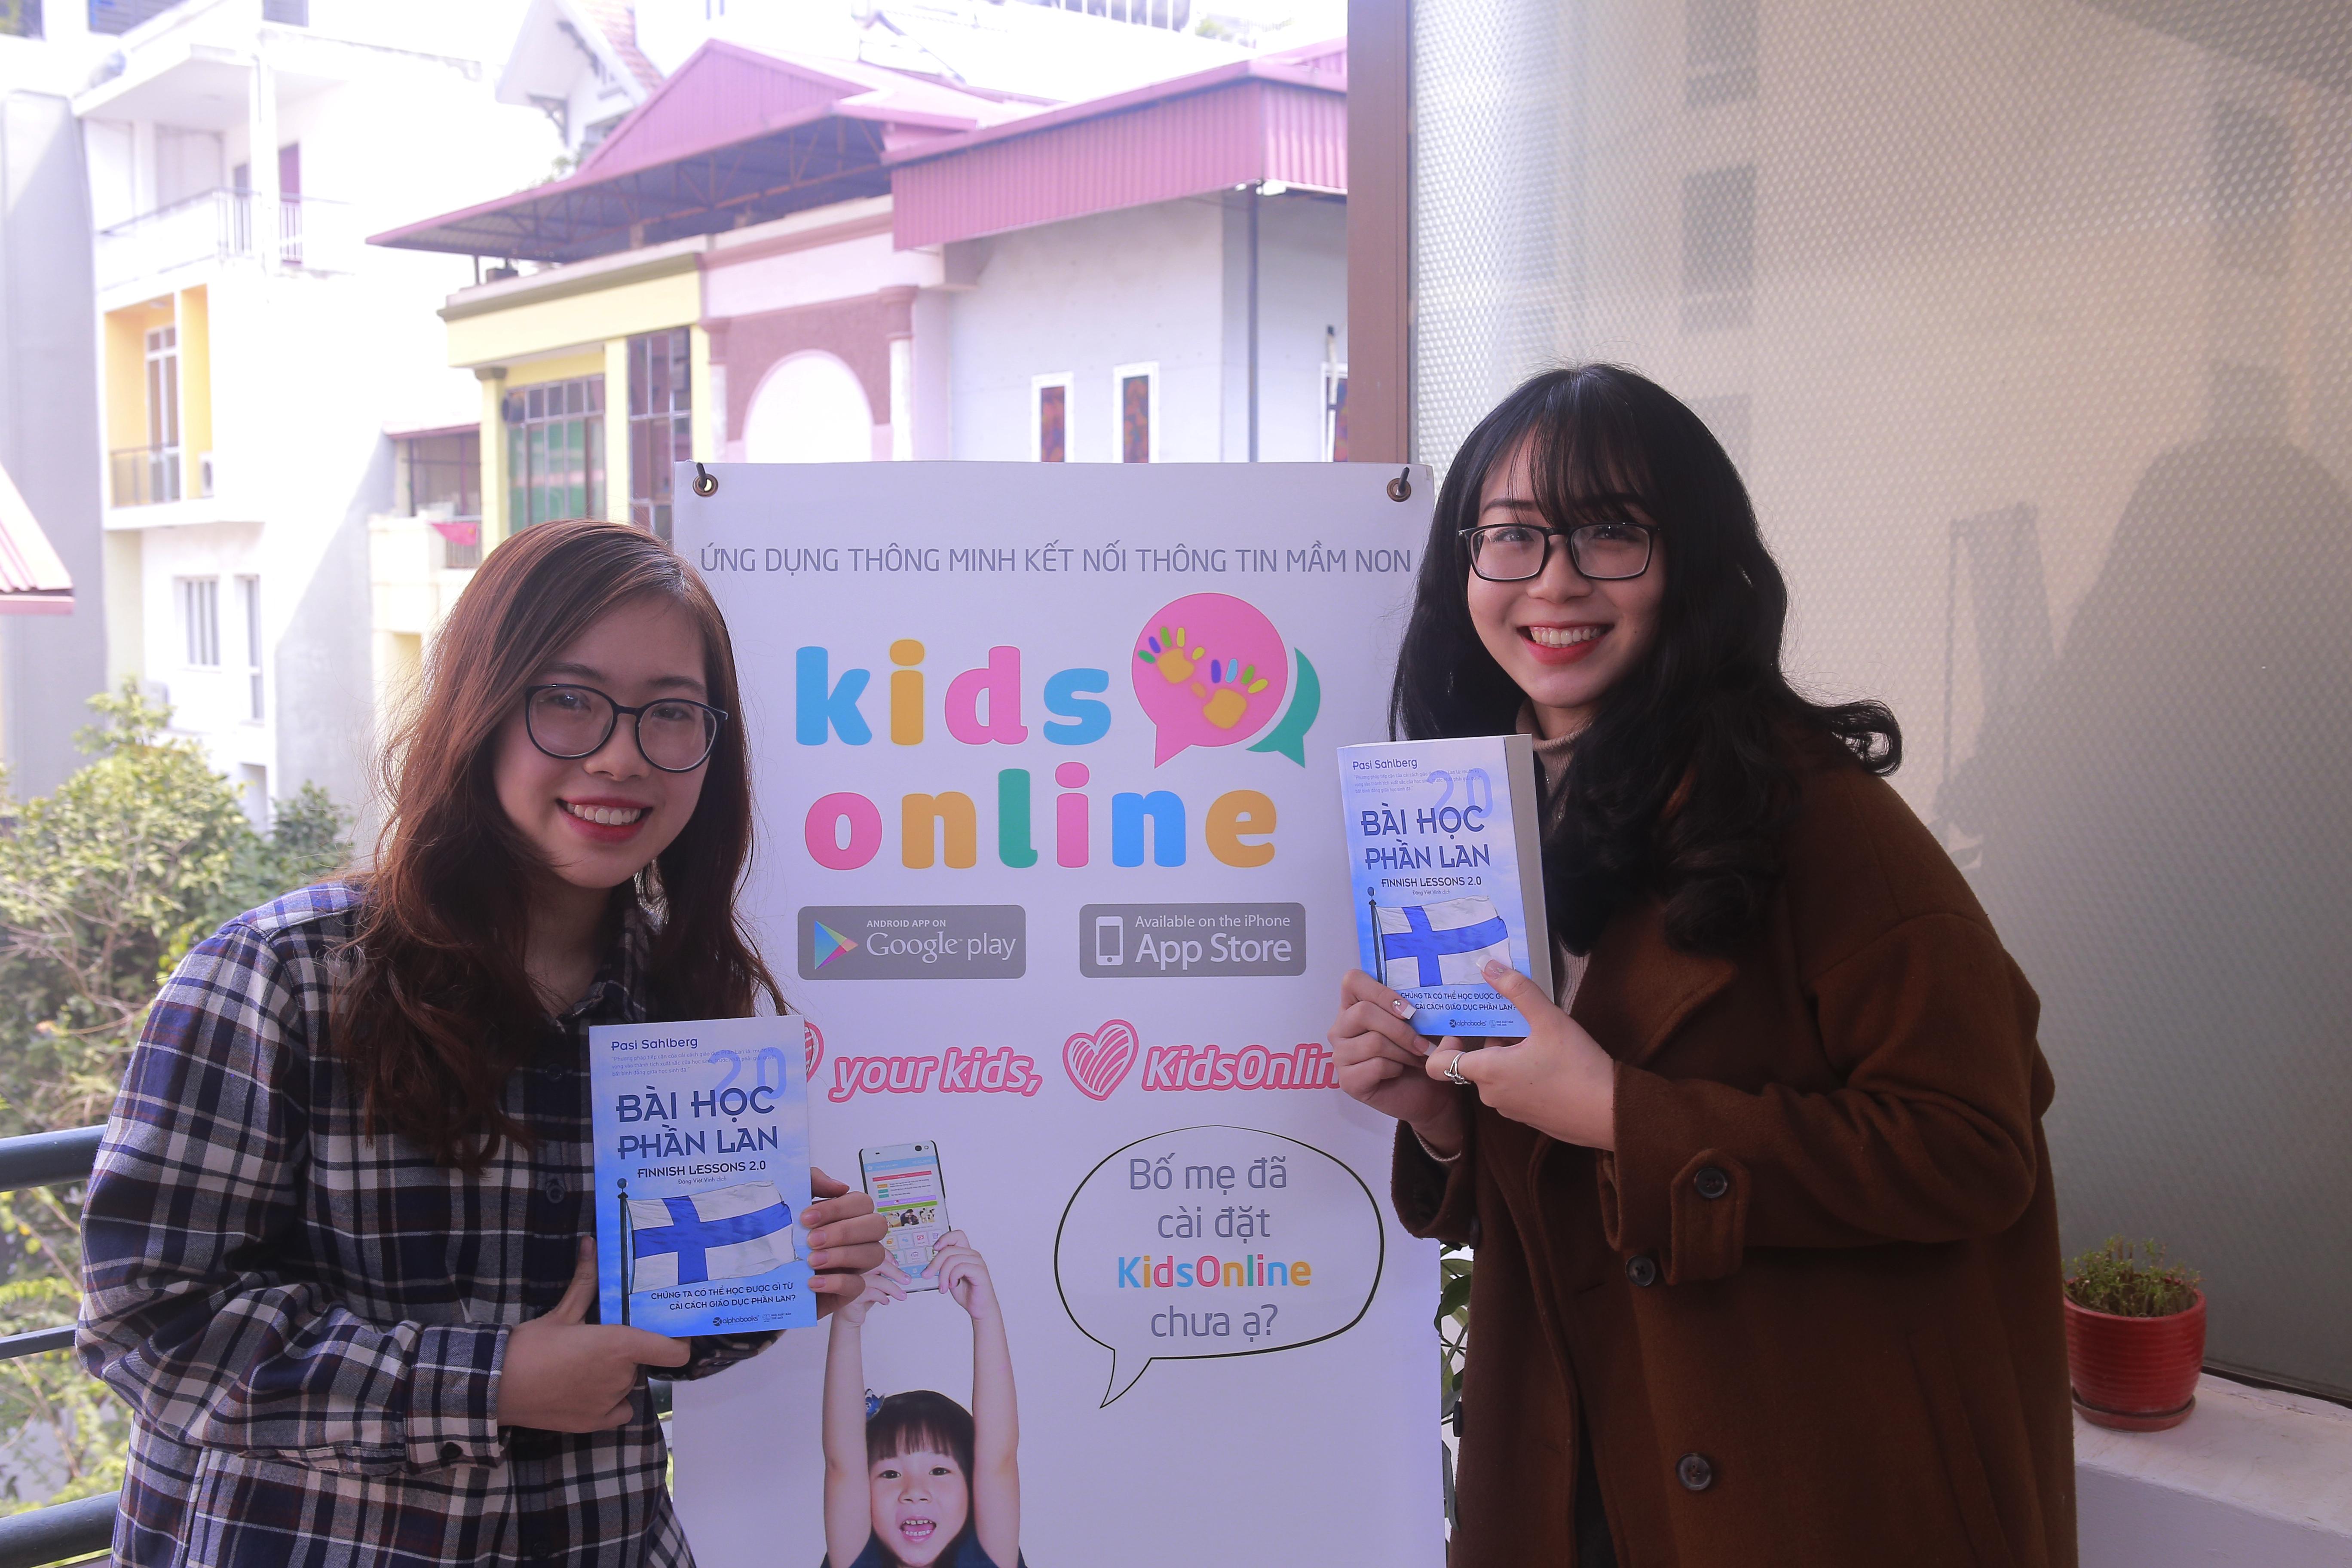 kidsonline-tang-sach-bai-hoc-phan-lan-2